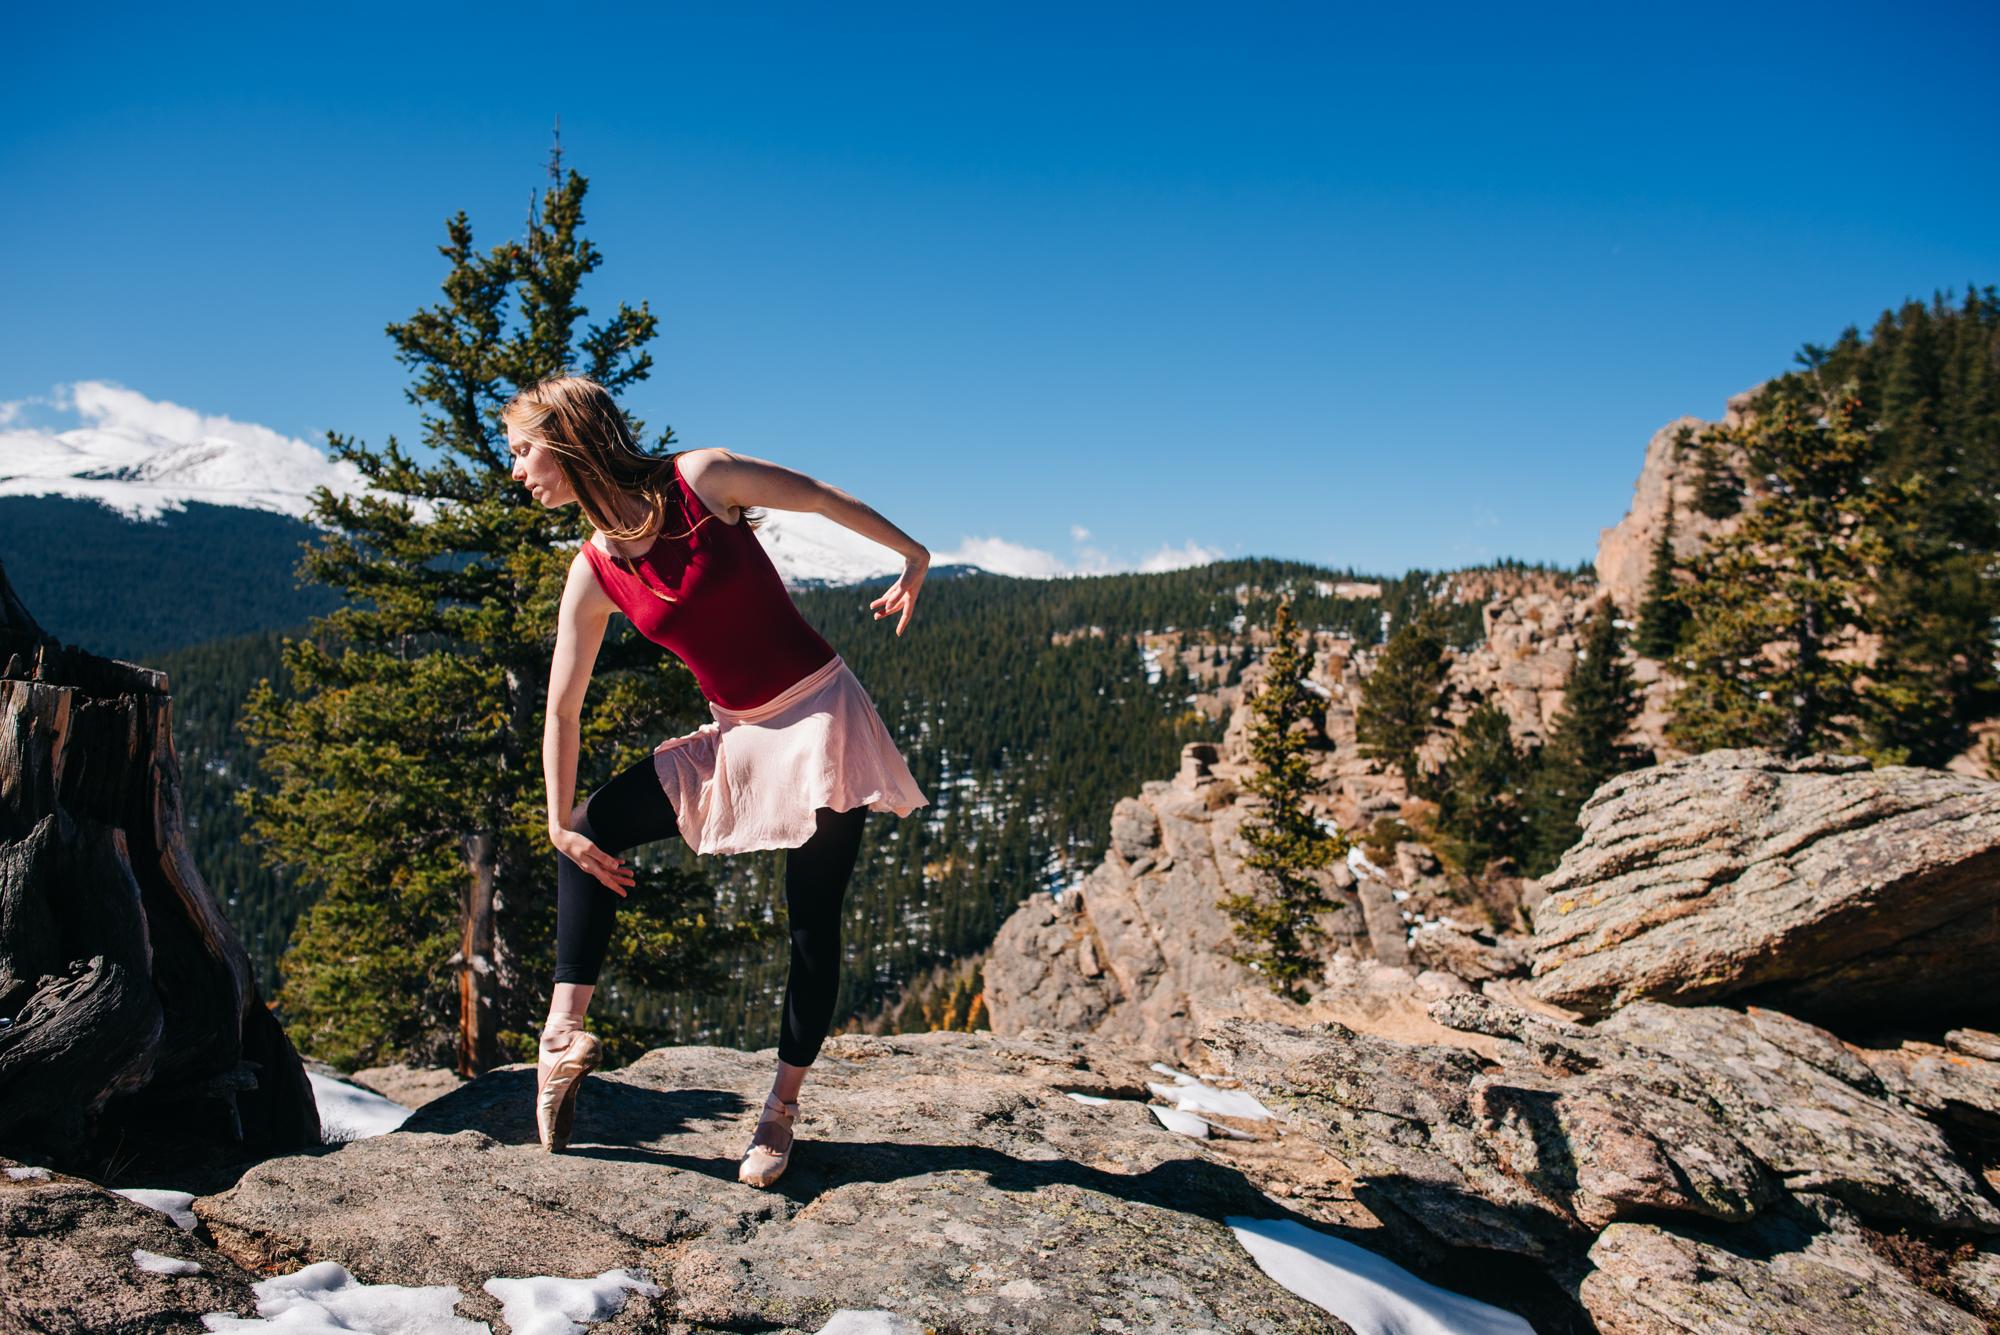 53-colorado-ballet-photographer-colorado-yoga-photographer-colorado-dance-photographer-denver-dance-photographer-denver-yoga-photographer-traveling-dance-photographerDSC_6528.jpg